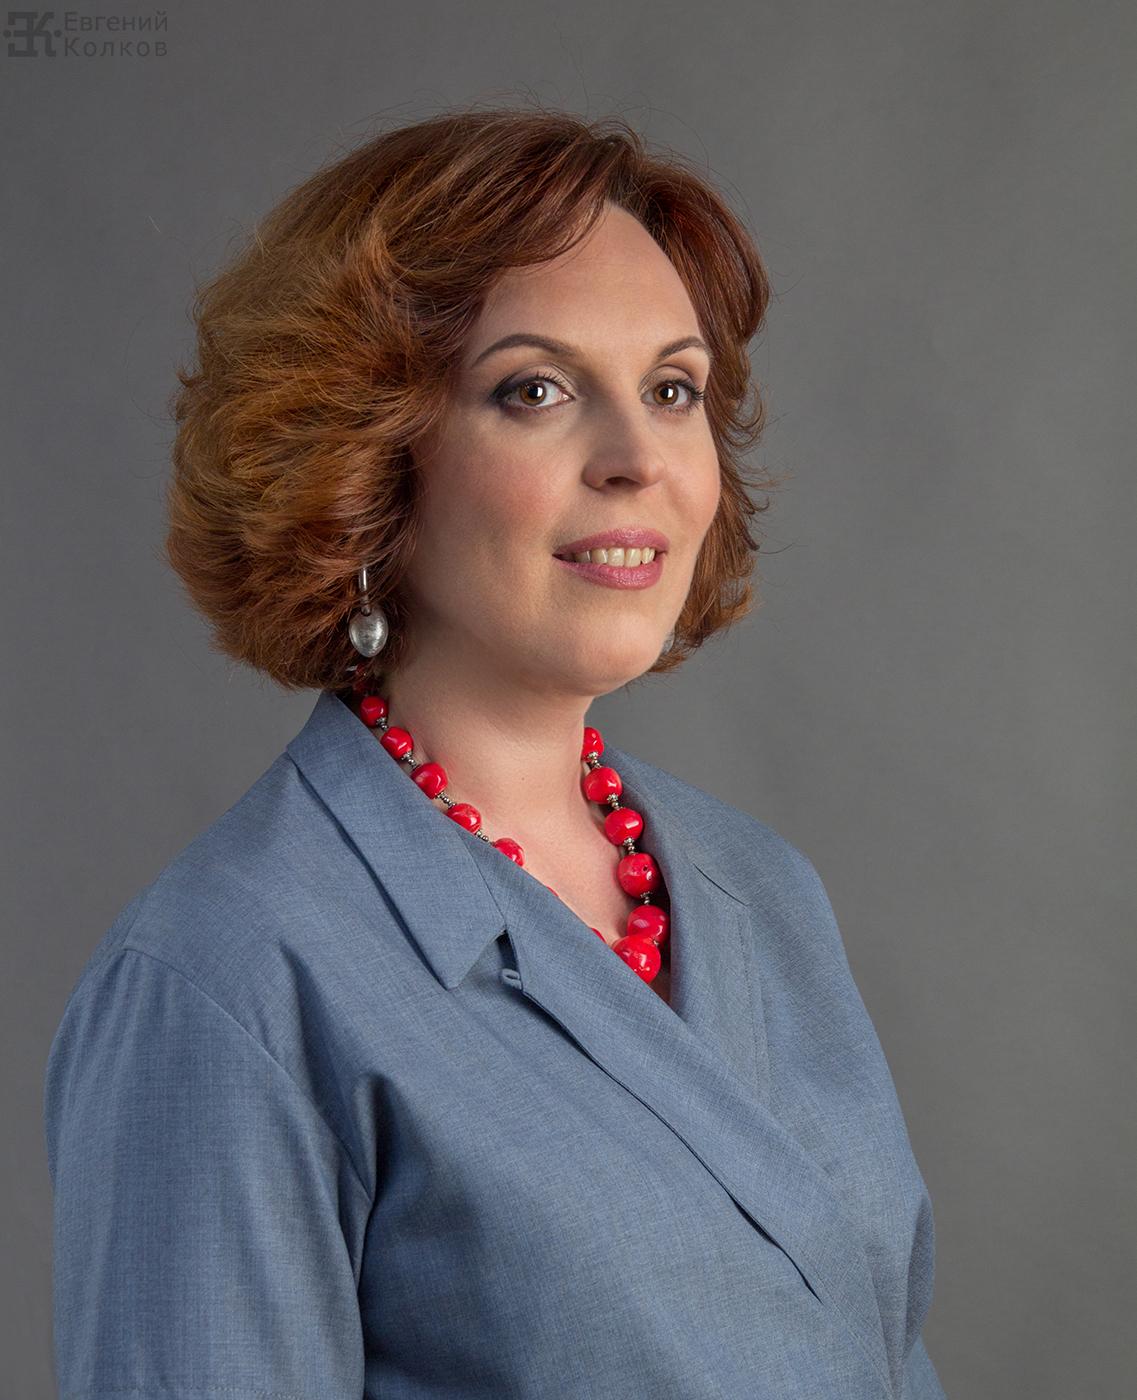 Бизнес-портрет. Фото: Евгений Колков